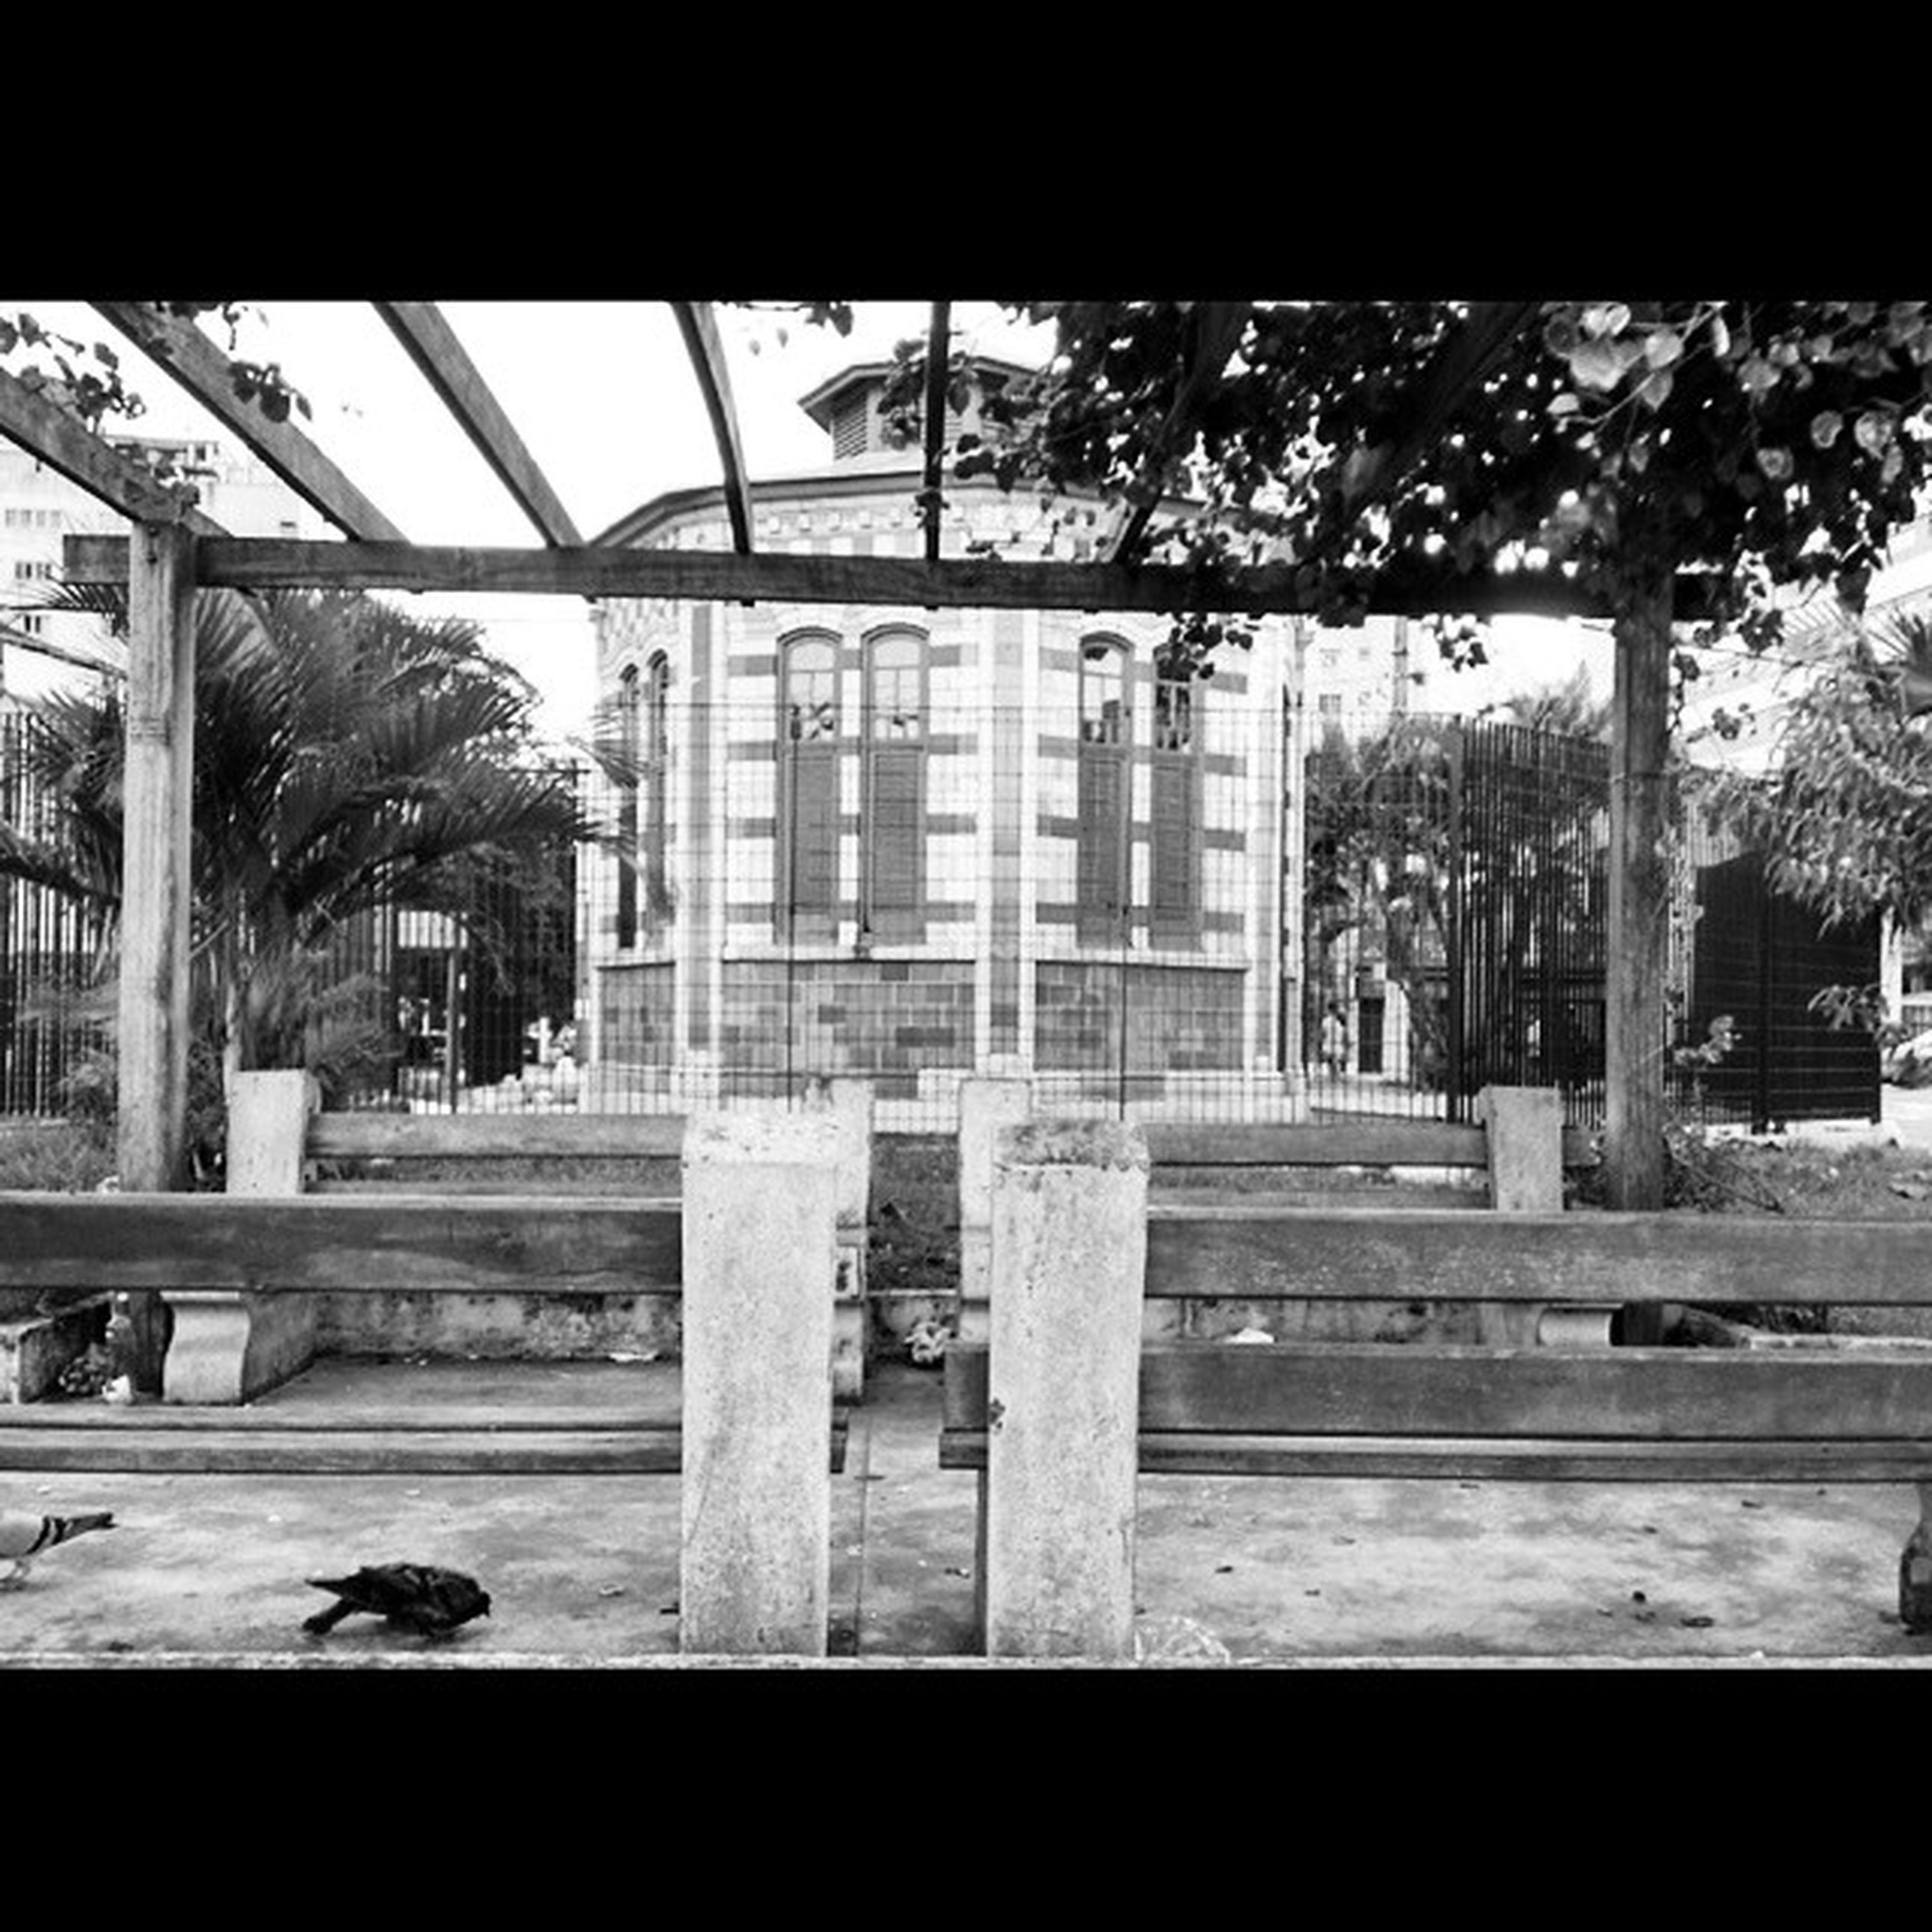 08h40 Saovicente Gibiteca Gibi Instahq Instaphoto Birds